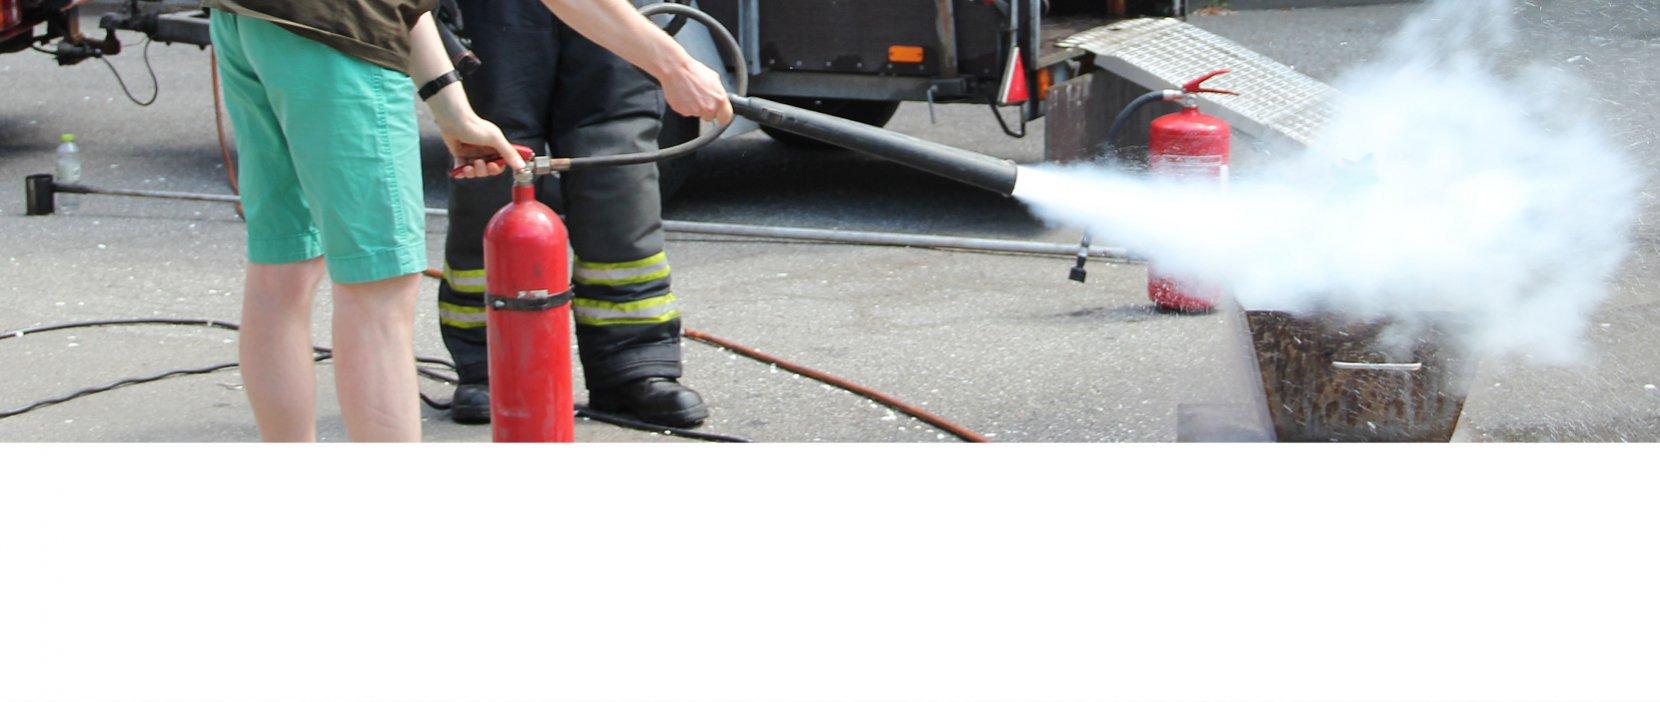 Lærken var med da vi kunne prøve at bruge ildslukkere